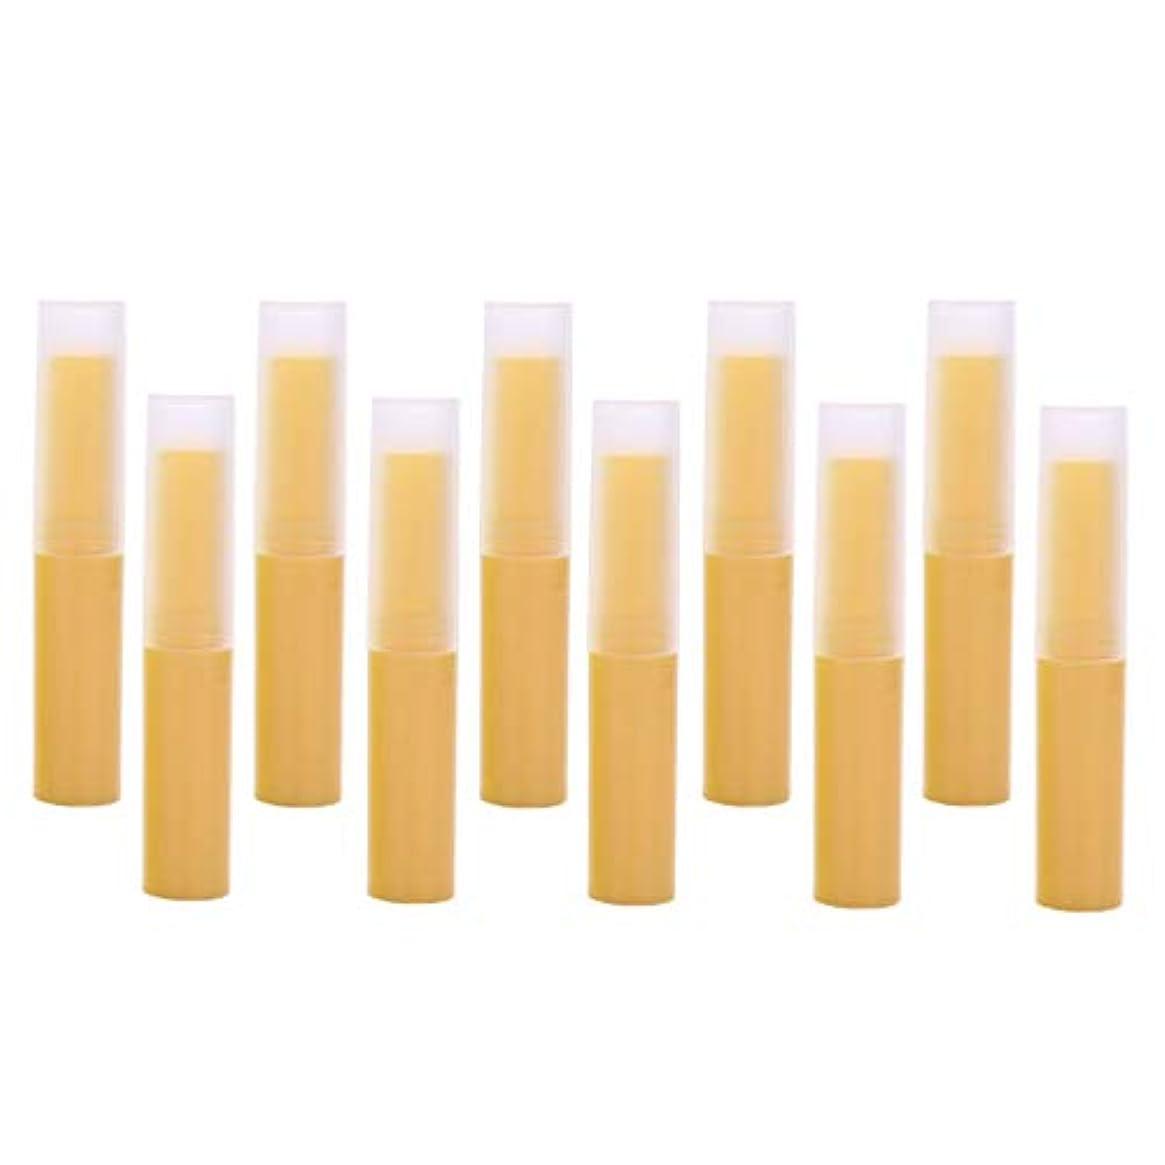 いらいらする年金受給者下着P Prettyia 7色 10個 空の口紅の管 リップクリーム容器 DIY化粧道具 - イエロー